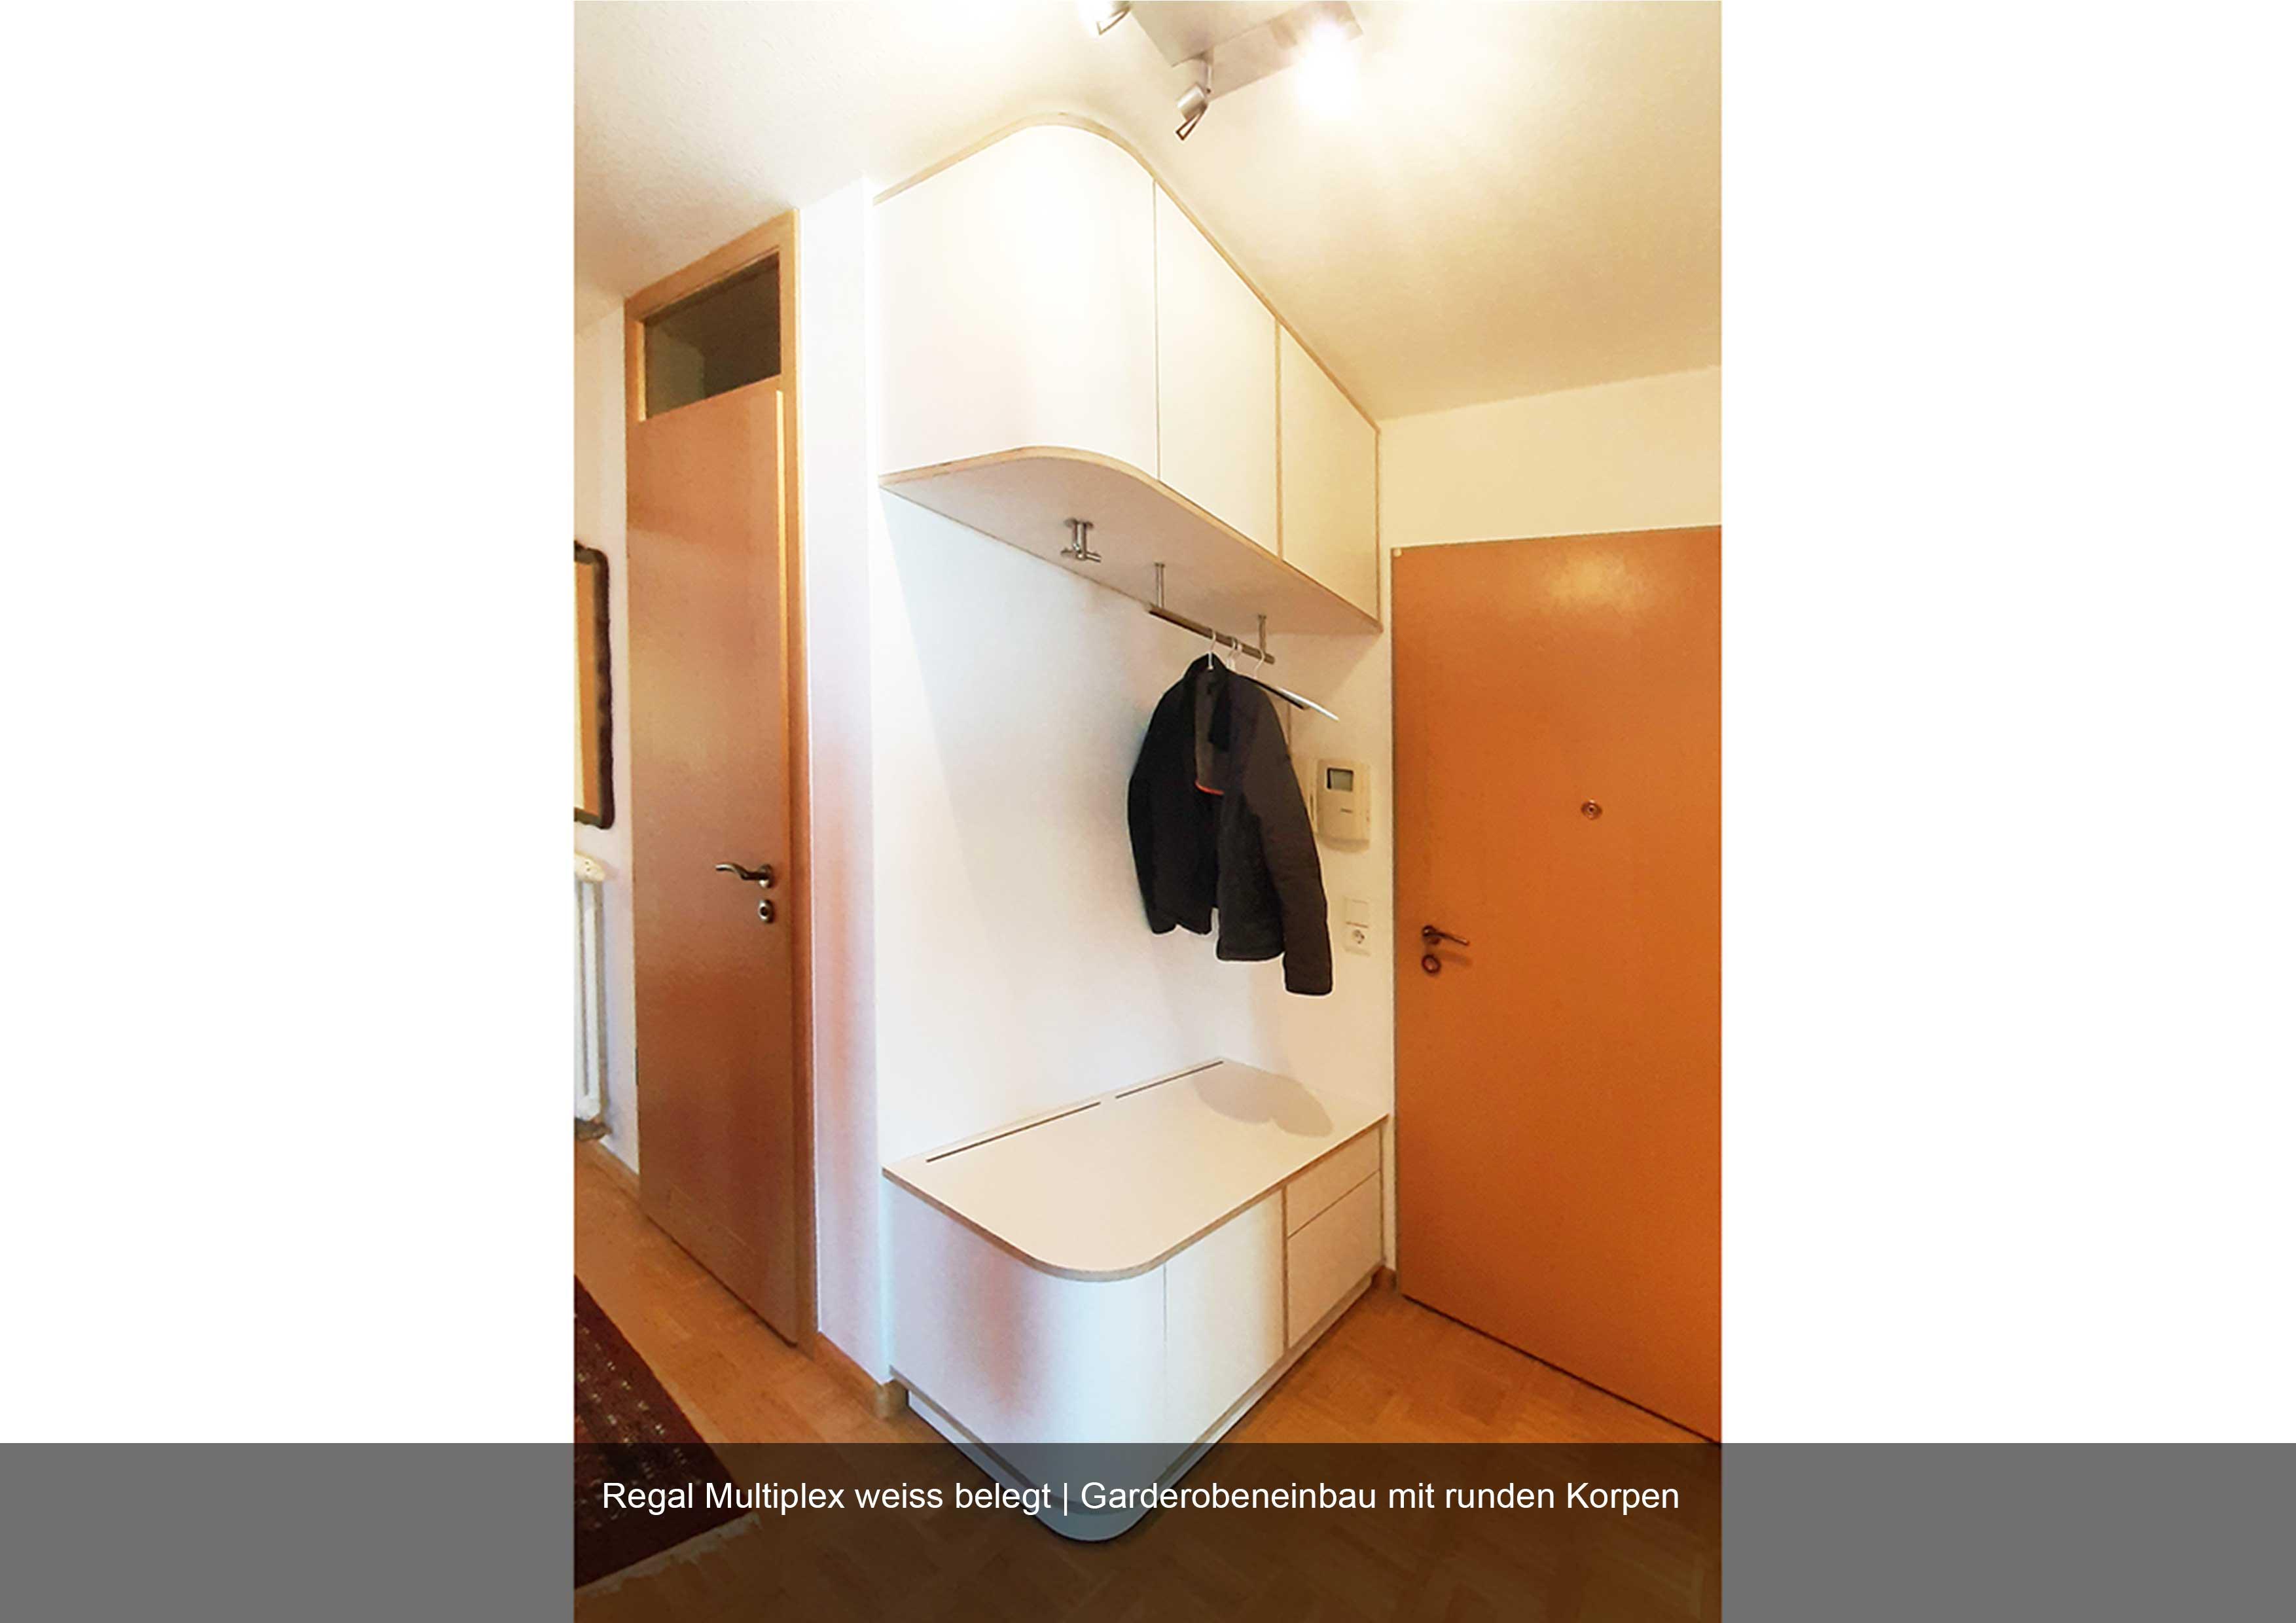 Garderobe in Birke Multiplex weiss